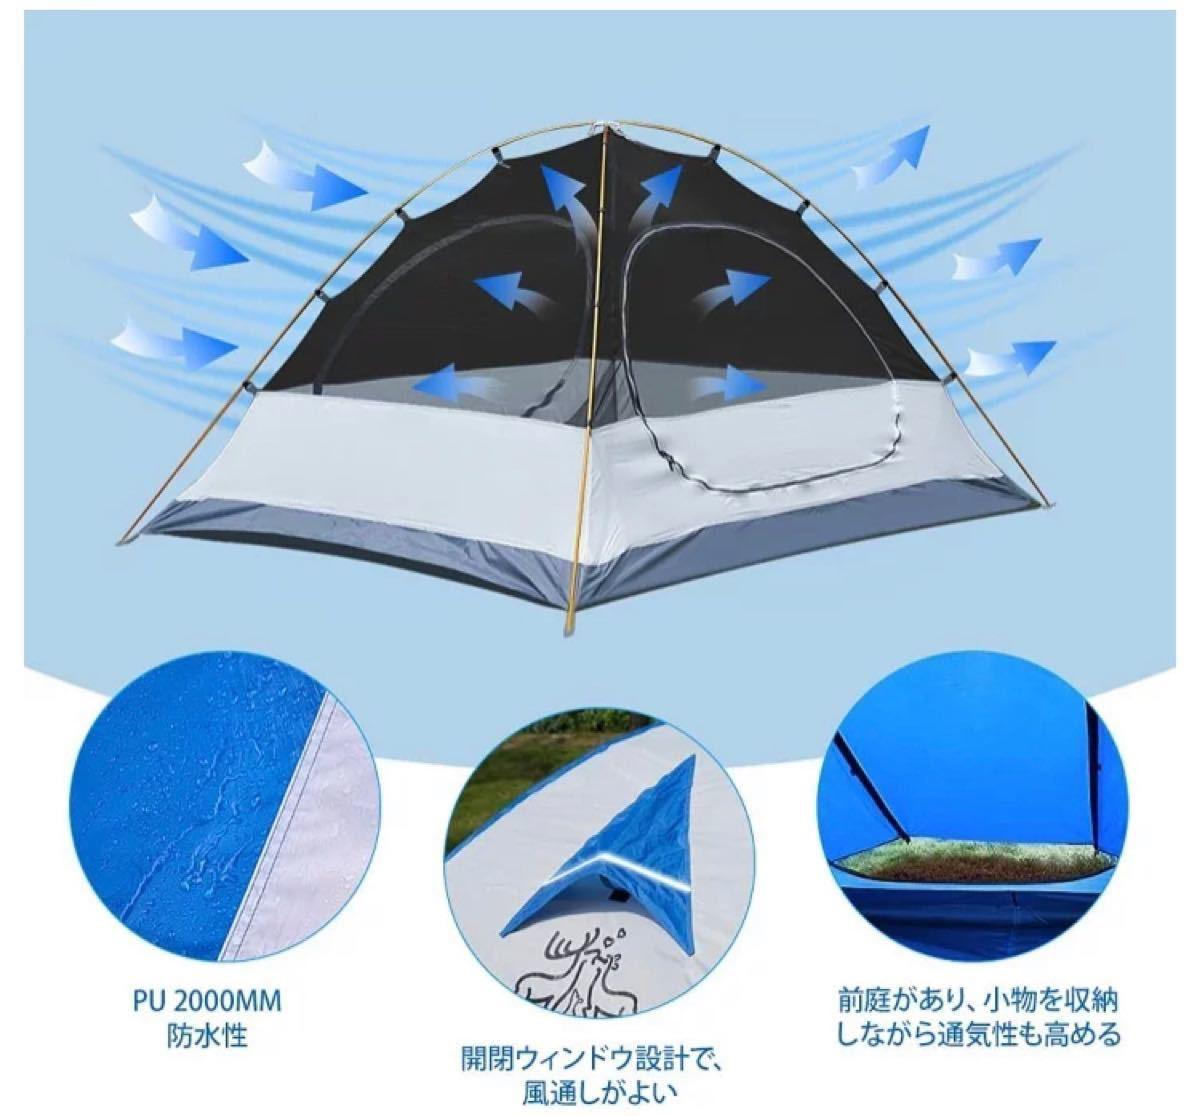 テント 3人用 ワンタッチテント 2WAYテント